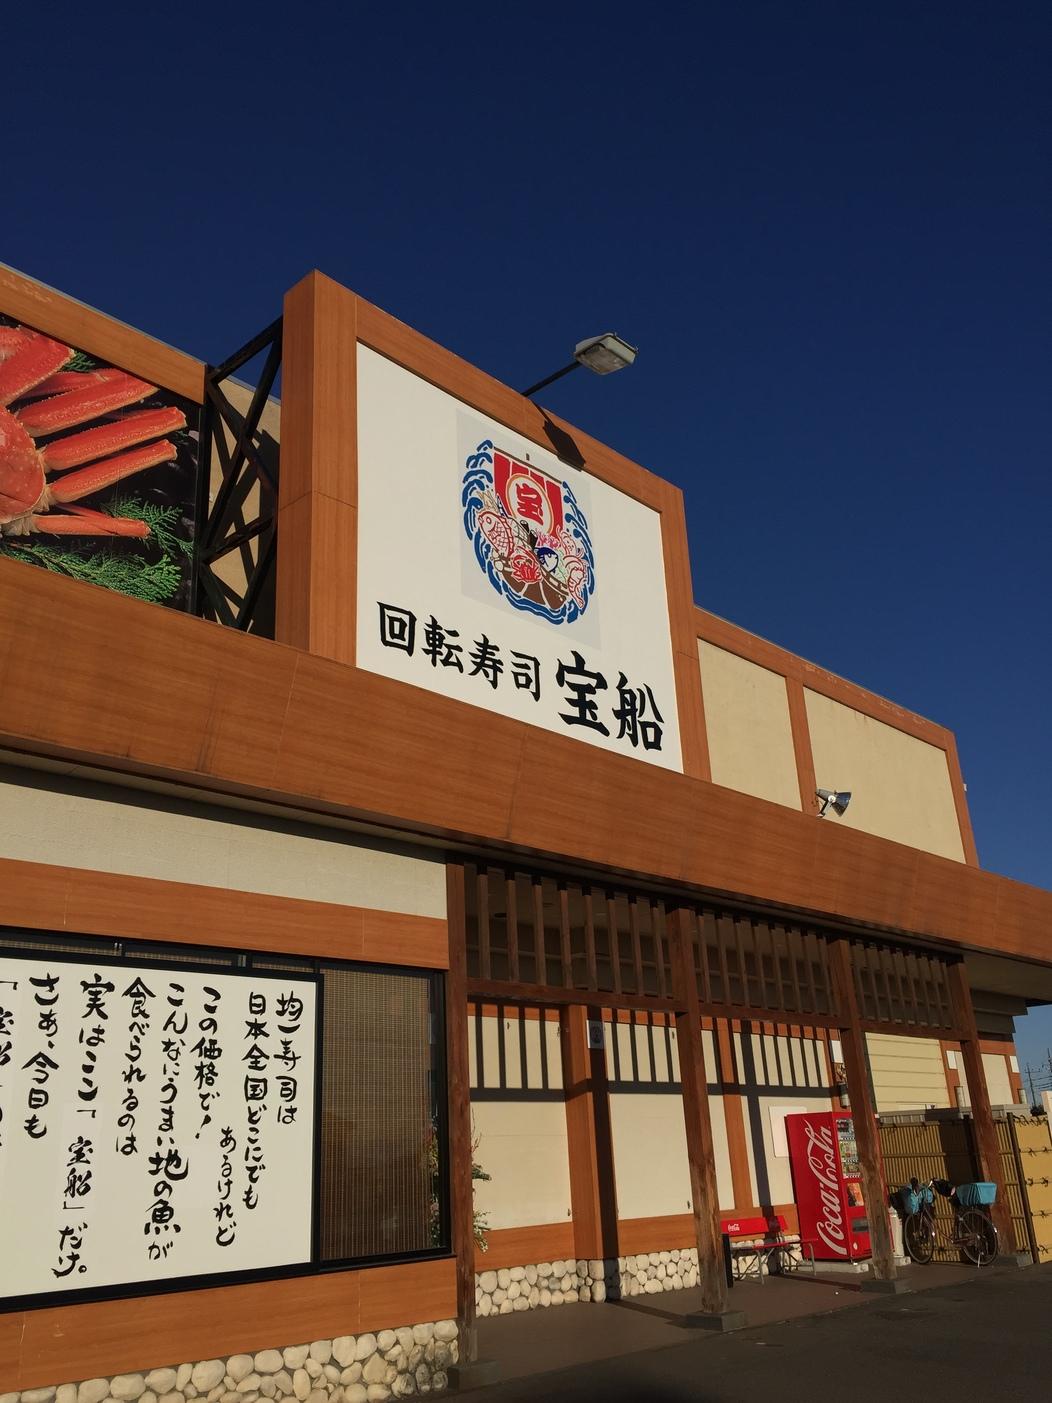 回転寿司宝船 高崎市中尾本店